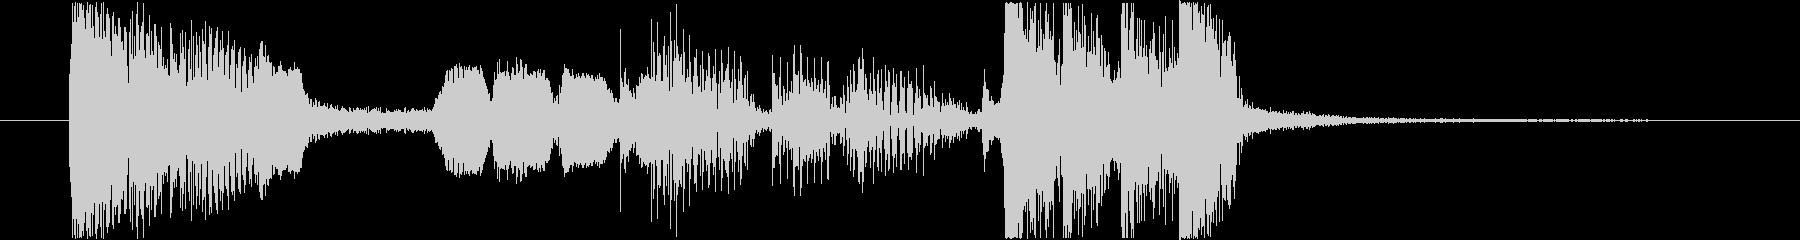 サックスのクールなジングルの未再生の波形